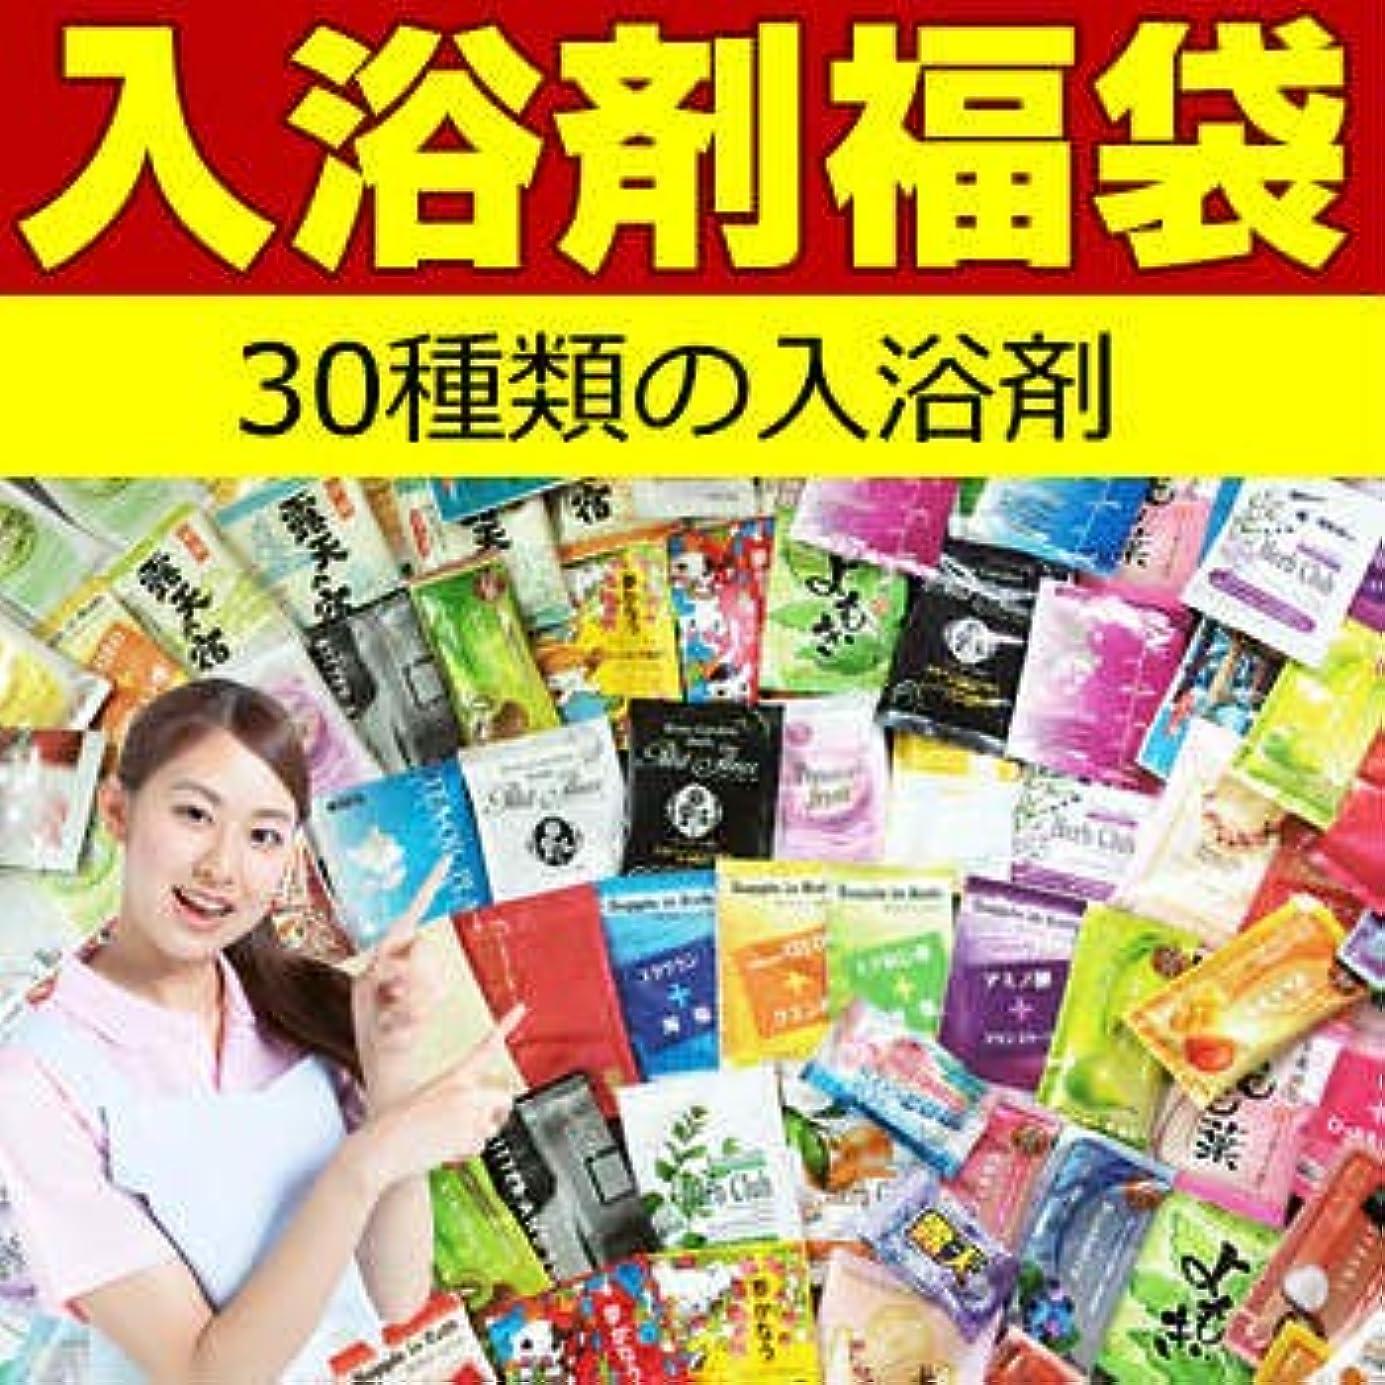 オゾン登録するばかげた福袋 入浴剤 30種類30日分 日本製